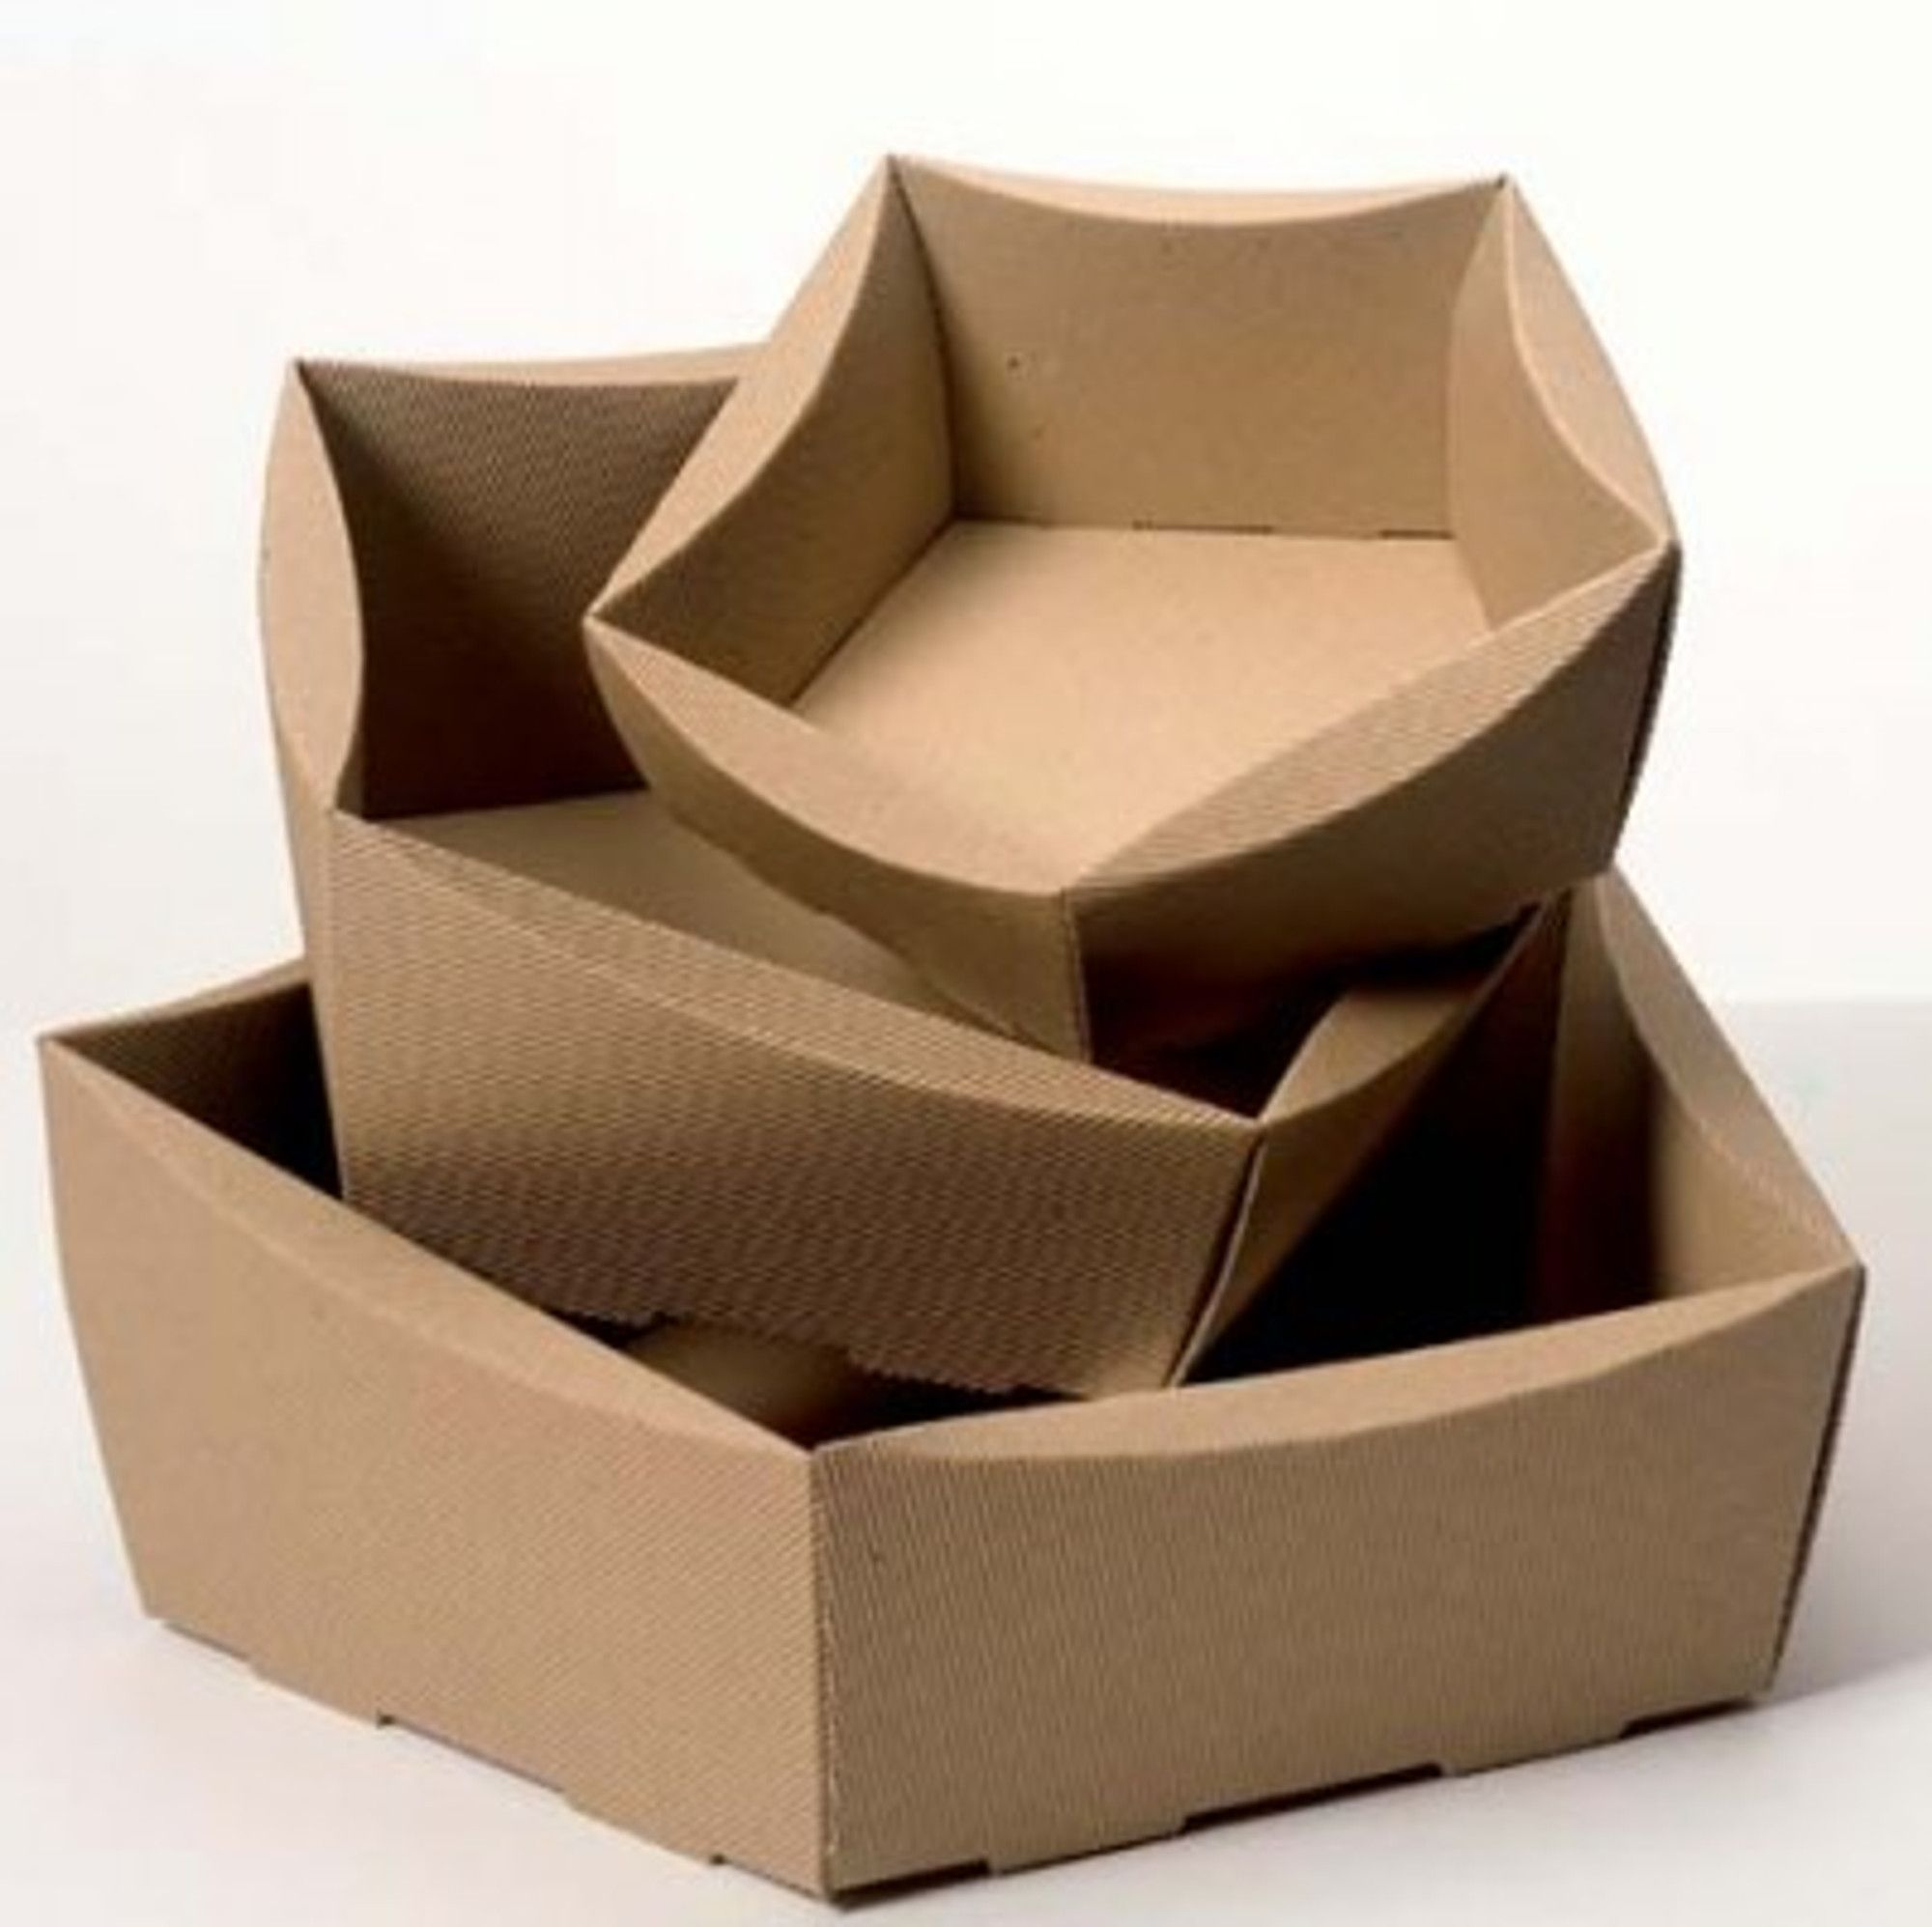 Pin Auf Tipps Zum Verpacken Versenden Verschicken